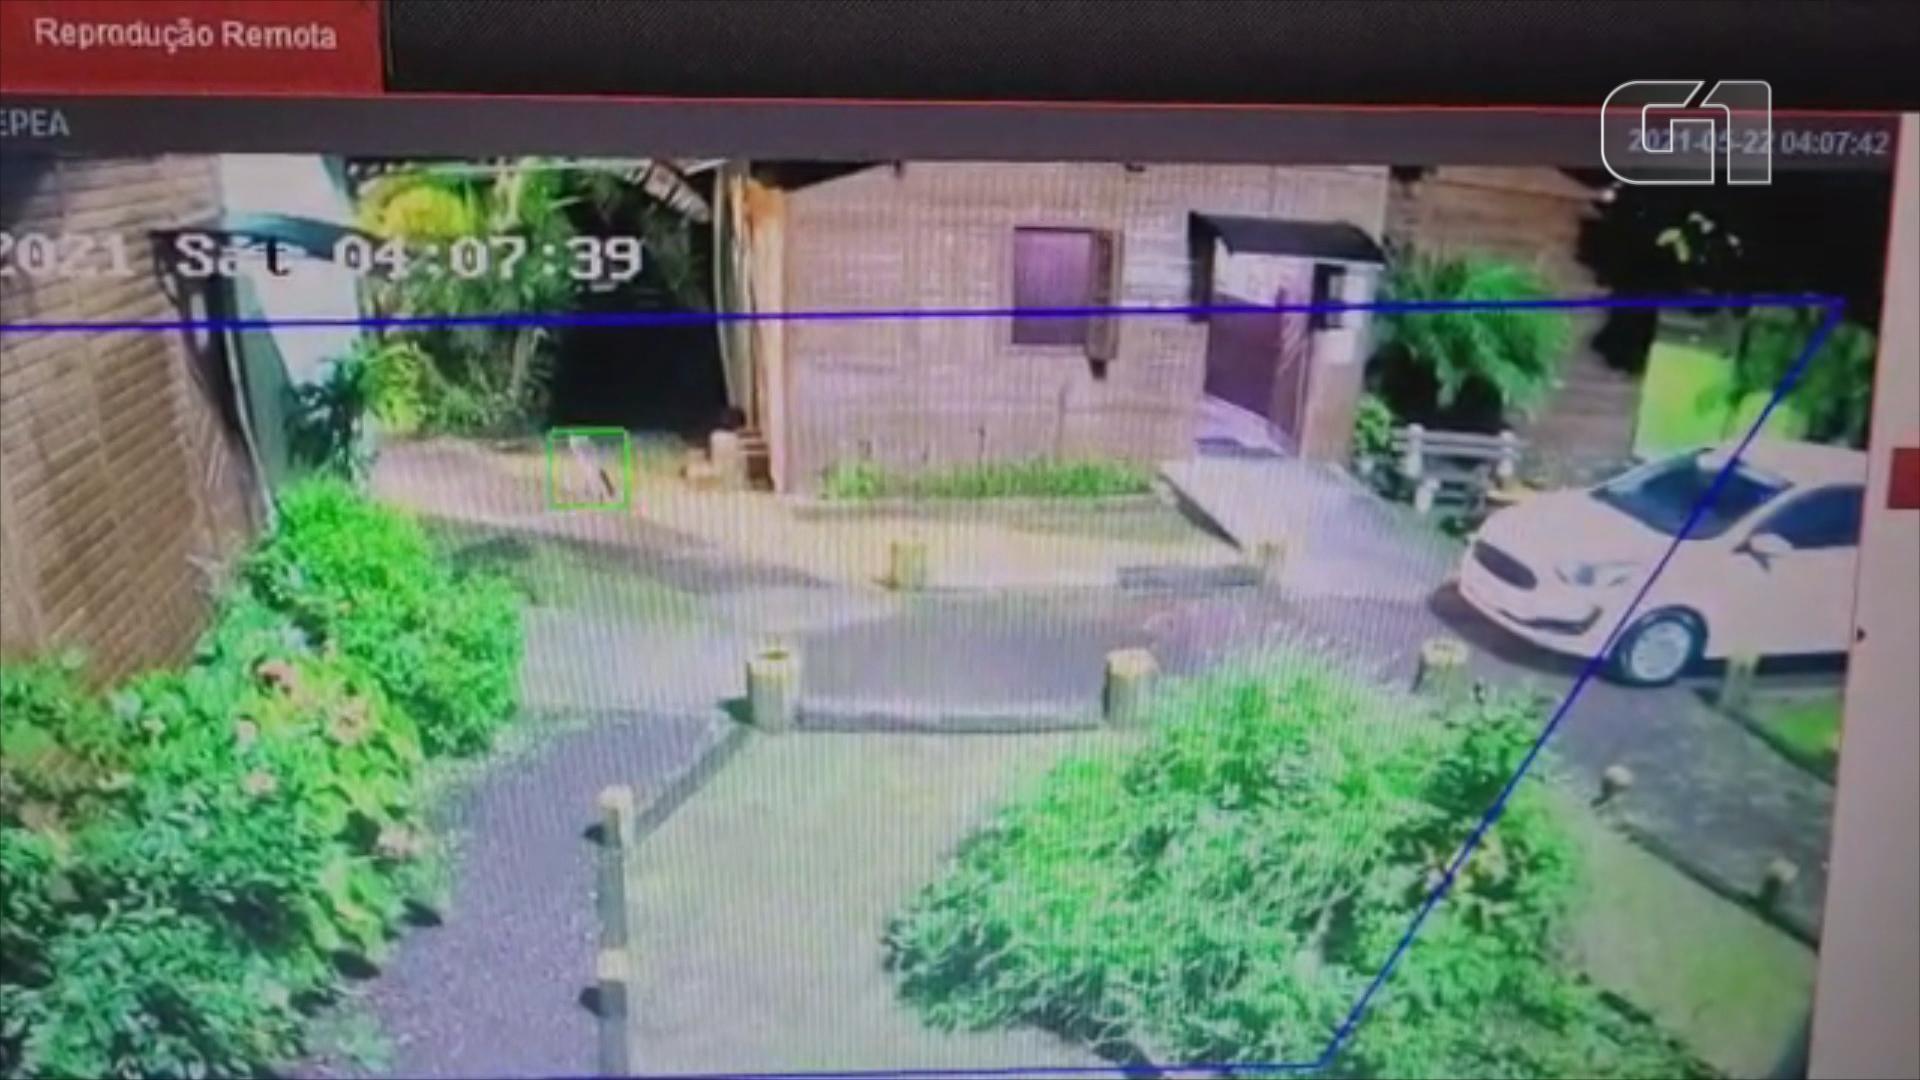 Graxaim-do-mato é flagrado por câmeras em parque de São Leopoldo